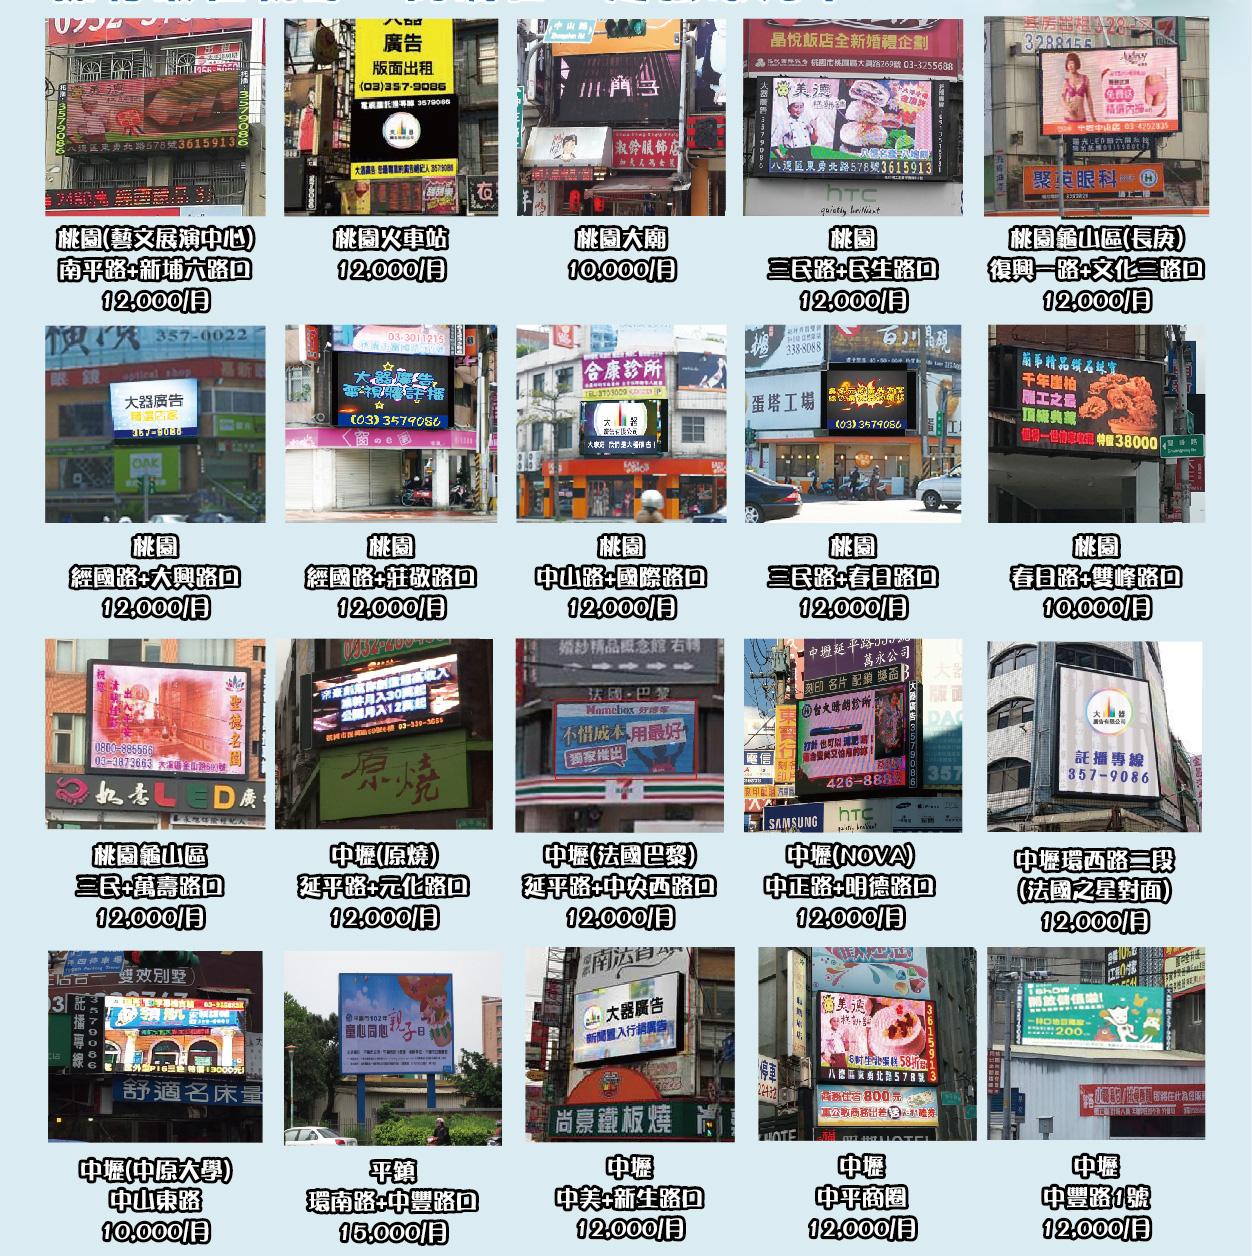 大器廣告-電視牆DM.jpg